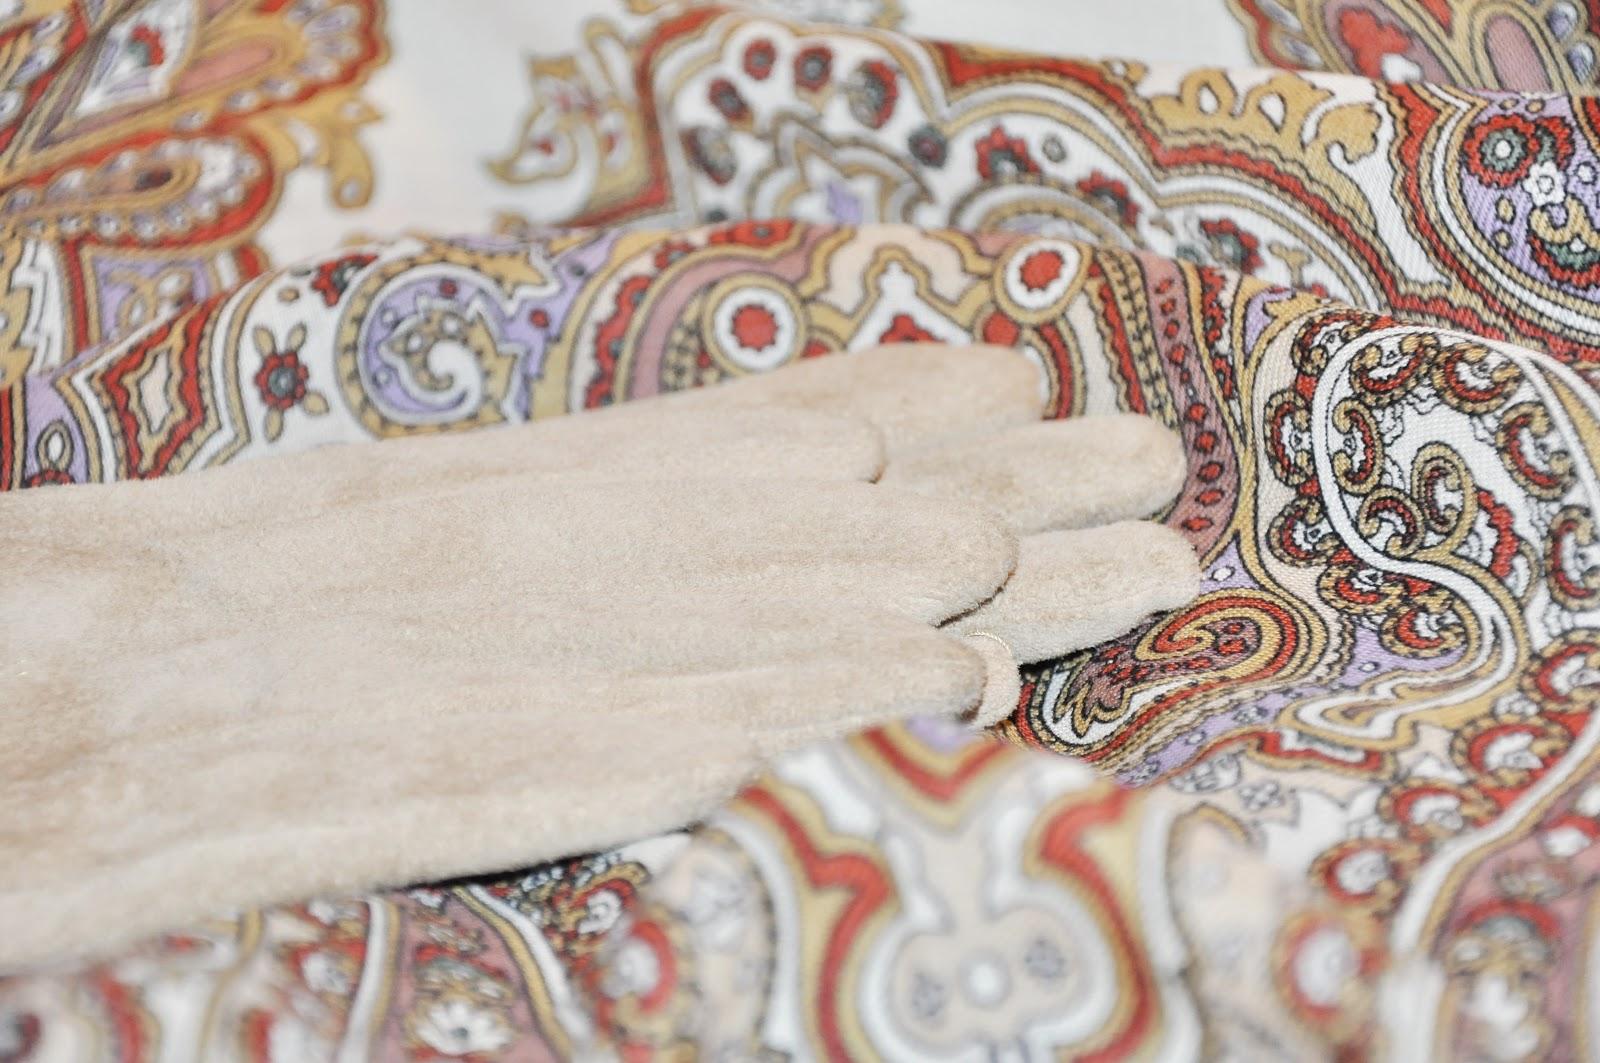 светлые замшевые перчатки